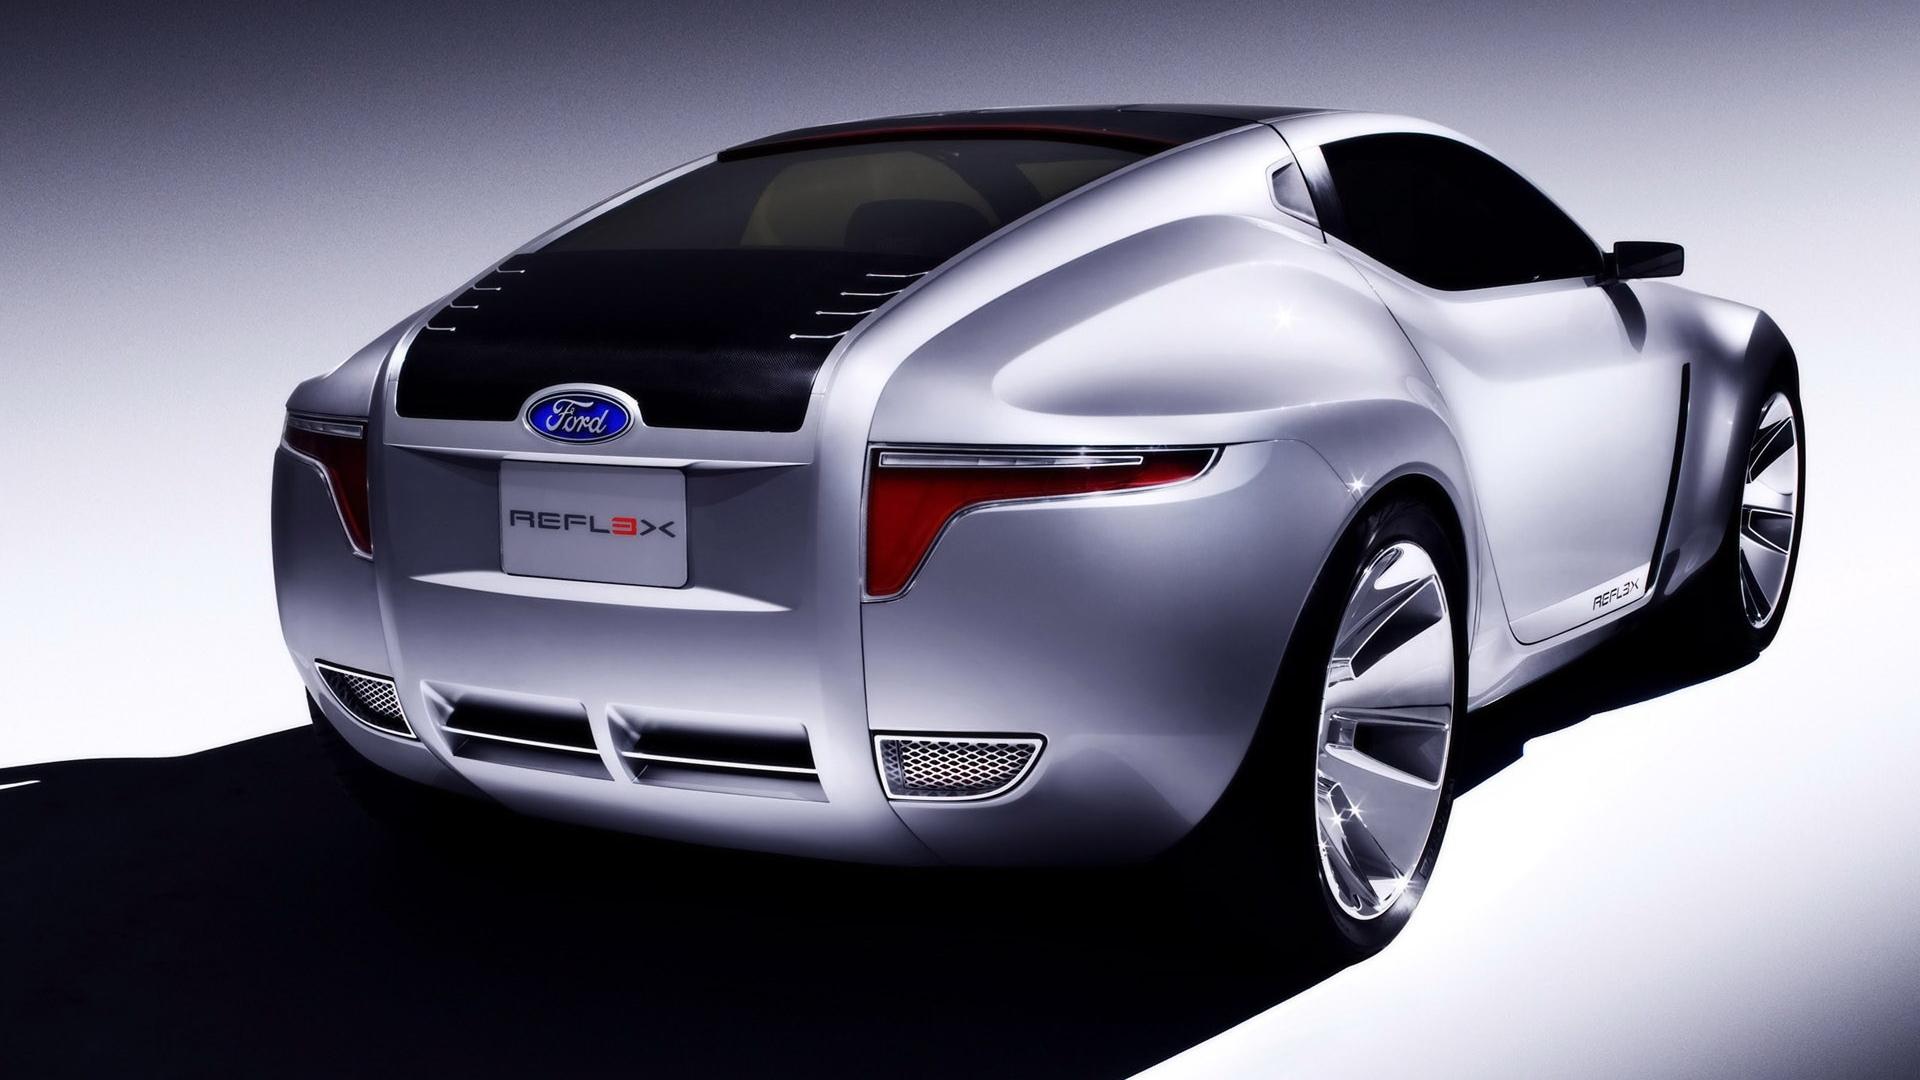 46035 скачать обои Транспорт, Машины, Форд (Ford) - заставки и картинки бесплатно